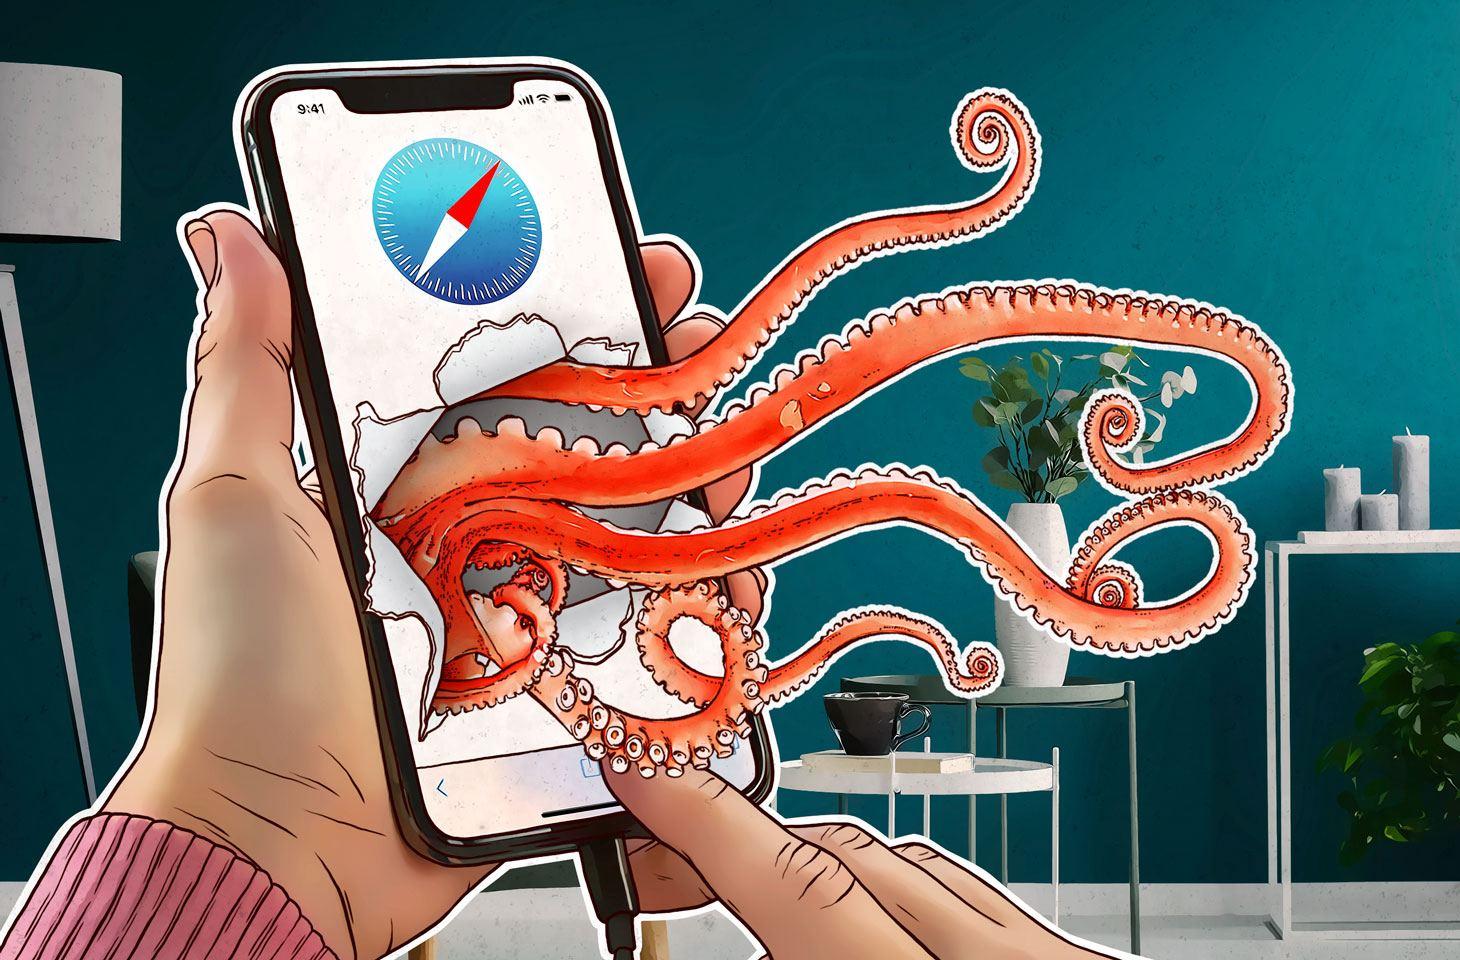 事實還是謠言?瀏覽惡意網站即能入侵iPhone!